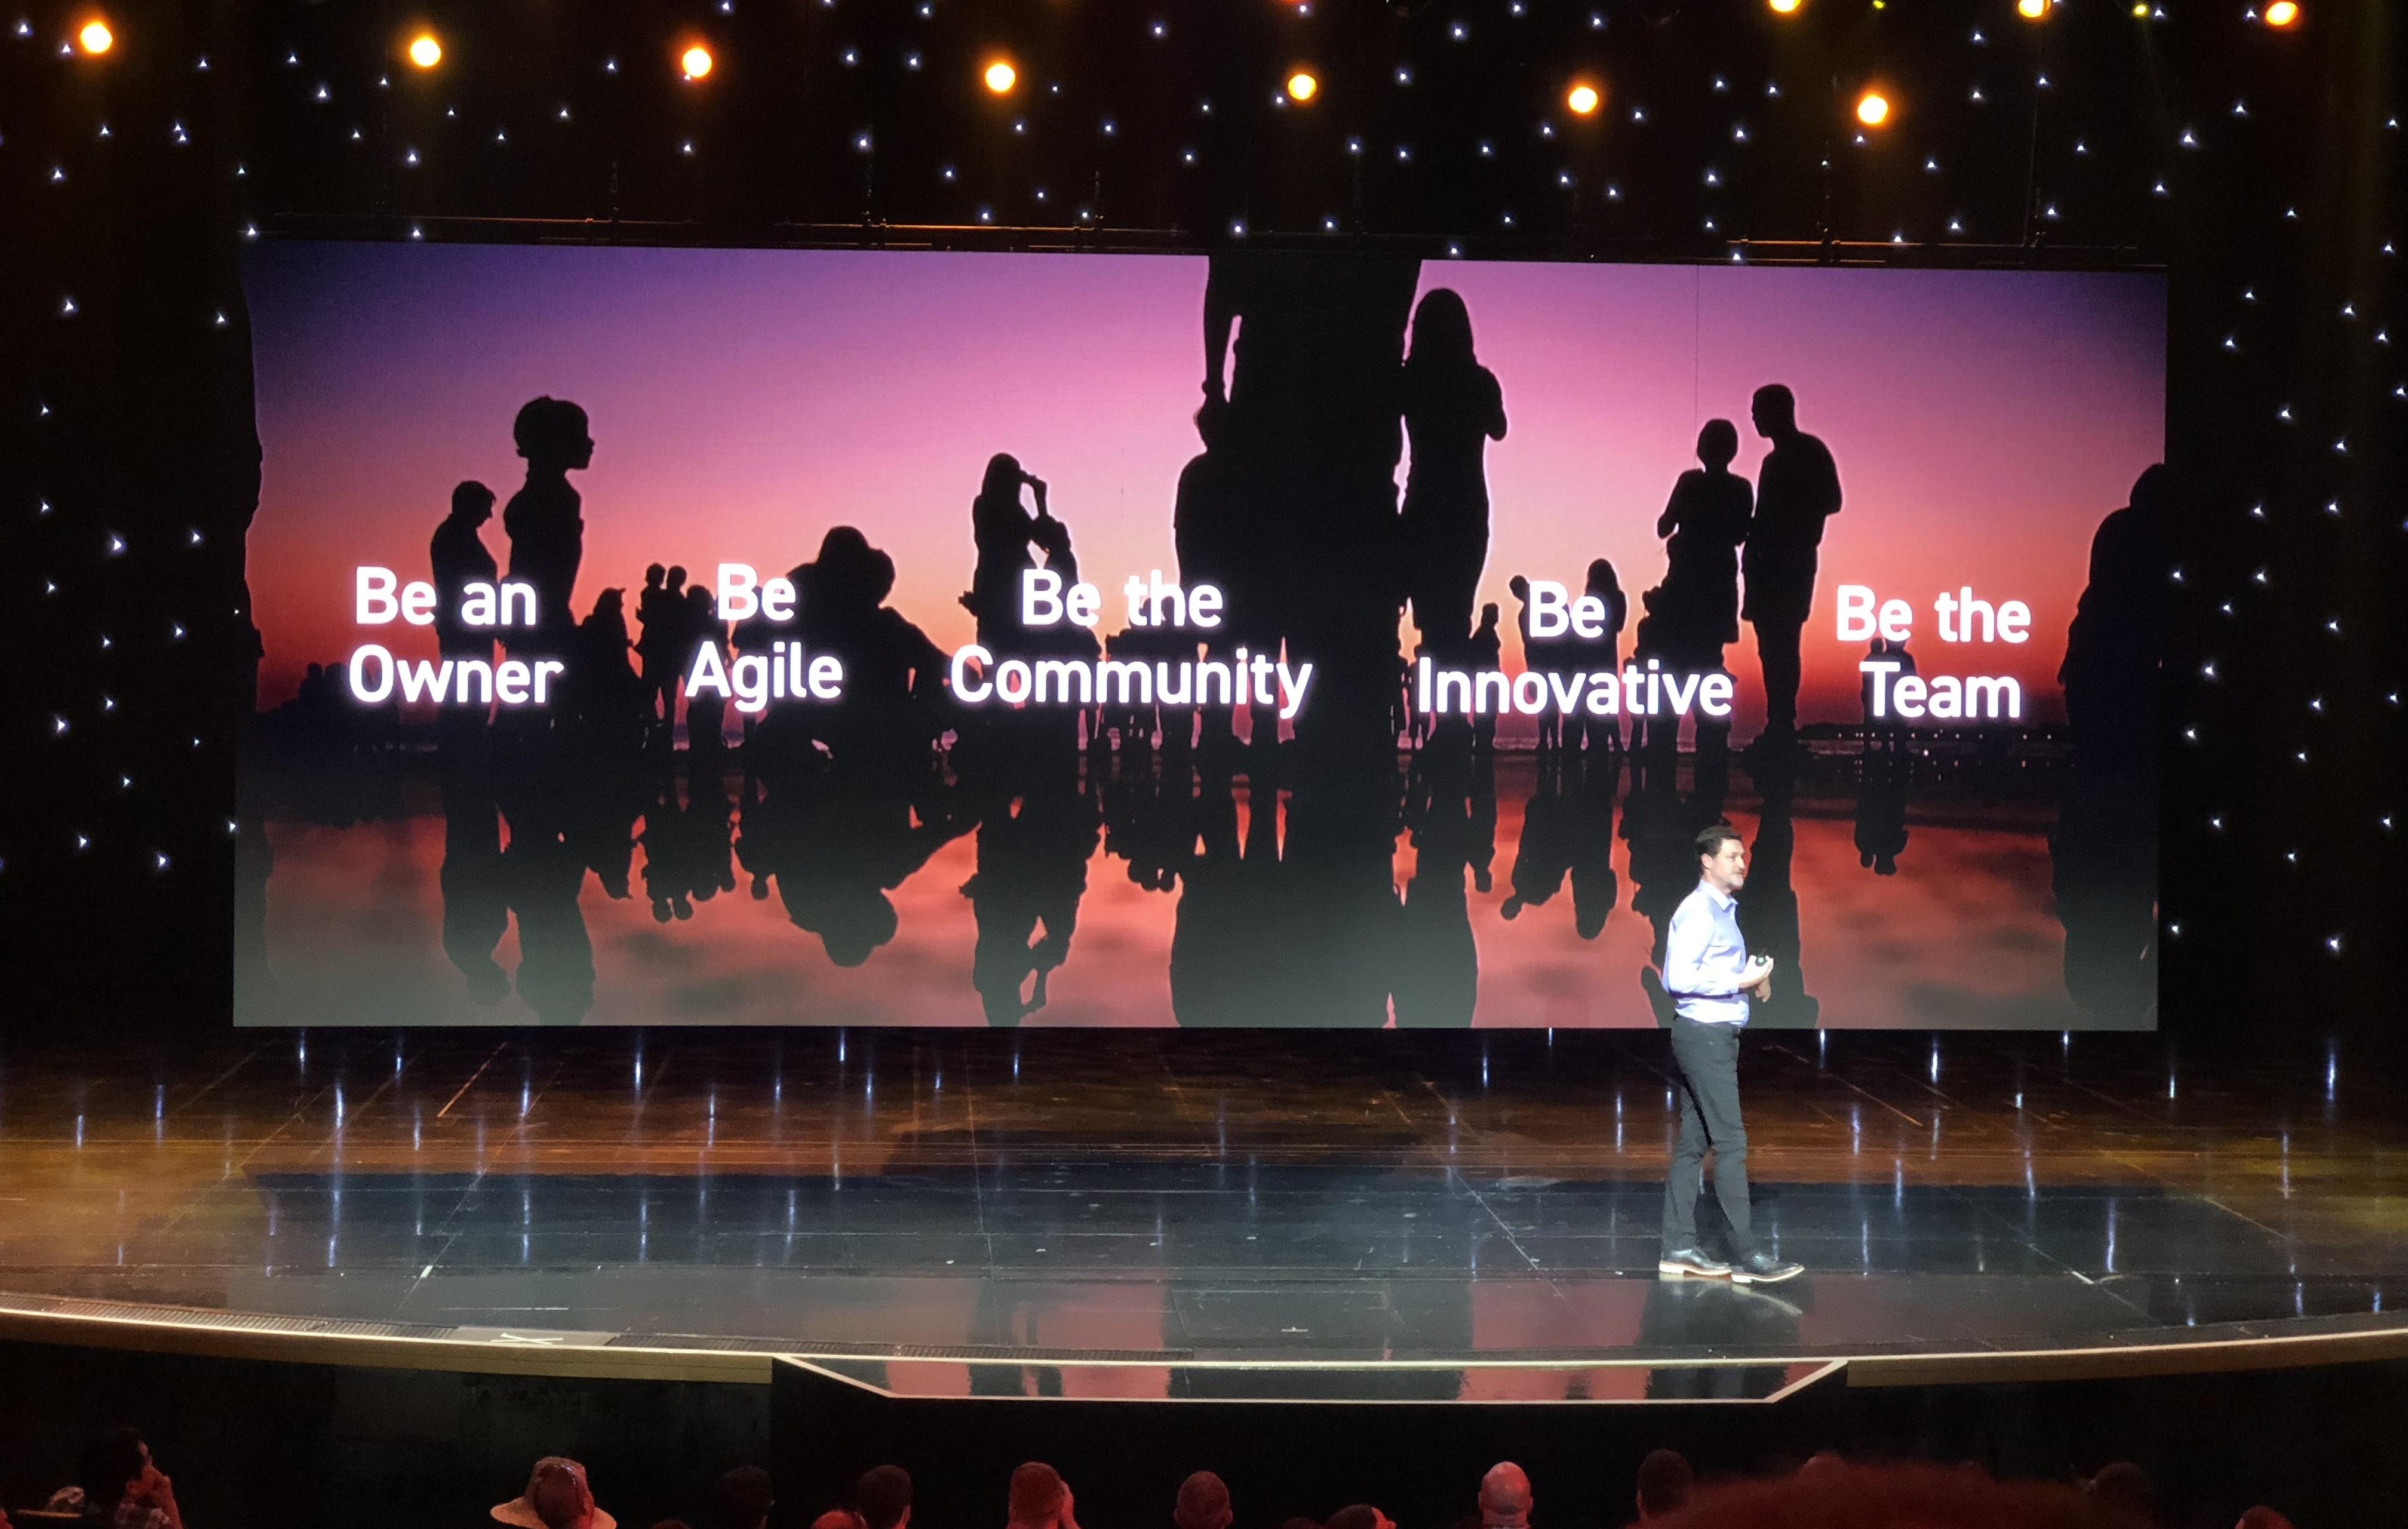 """Knapp 3.000 Besucher aus über 60 Ländern trafen sich Ende April auf der """"Magento Imagine"""" in Las Vegas, um sich über die immer komplexeren Herausforderungen im E-Commerce auszutauschen. Gesprächsthema Nummer eins war die neue Magento 2.3 Version, die noch diesen Sommer erscheinen soll. Wir waren mittendrin und geben einen Überblick über die anstehenden Neuerungen und Möglichkeiten."""